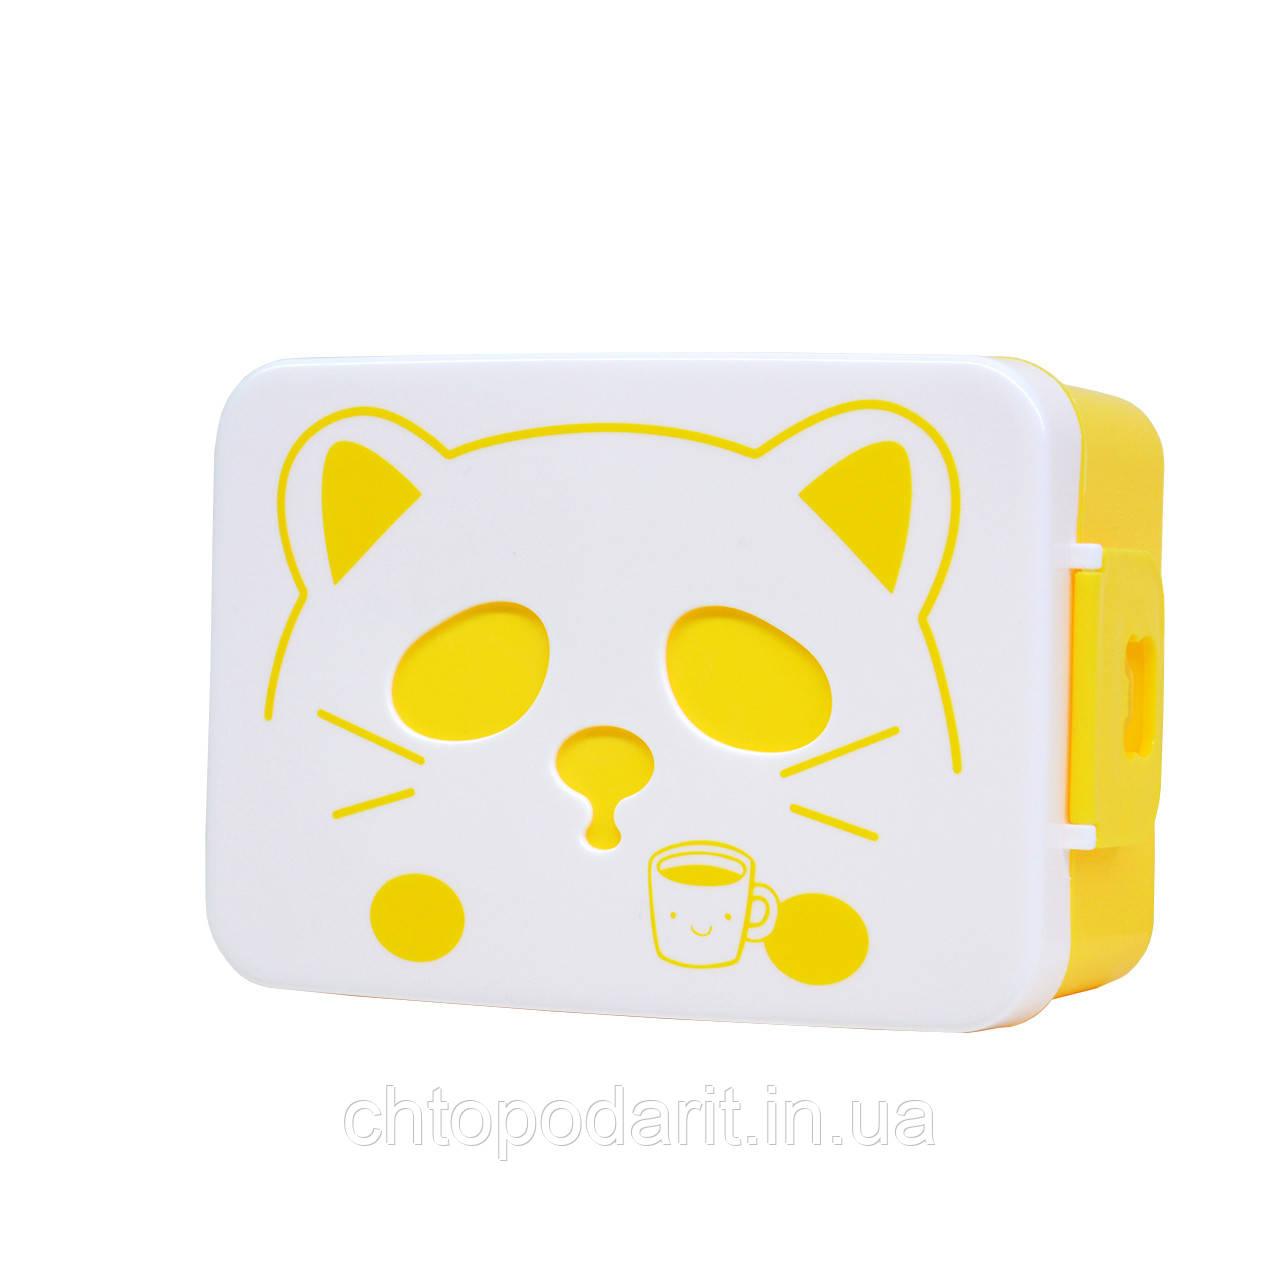 Контейнер для еды кот (желтый) Код 10-1878